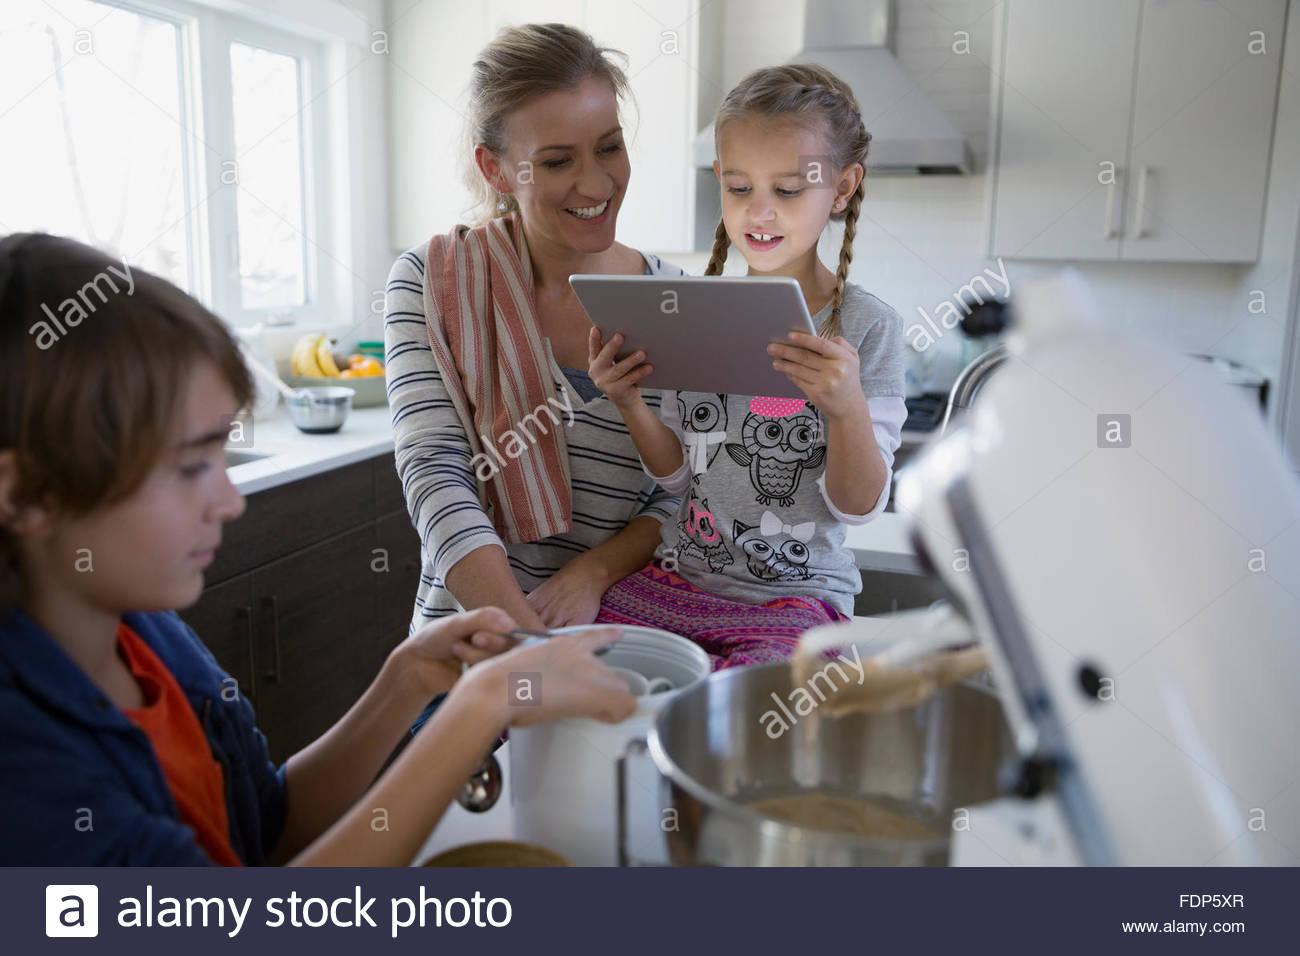 Mutter und Kinder backen mit digital-Tablette Küche Stockbild